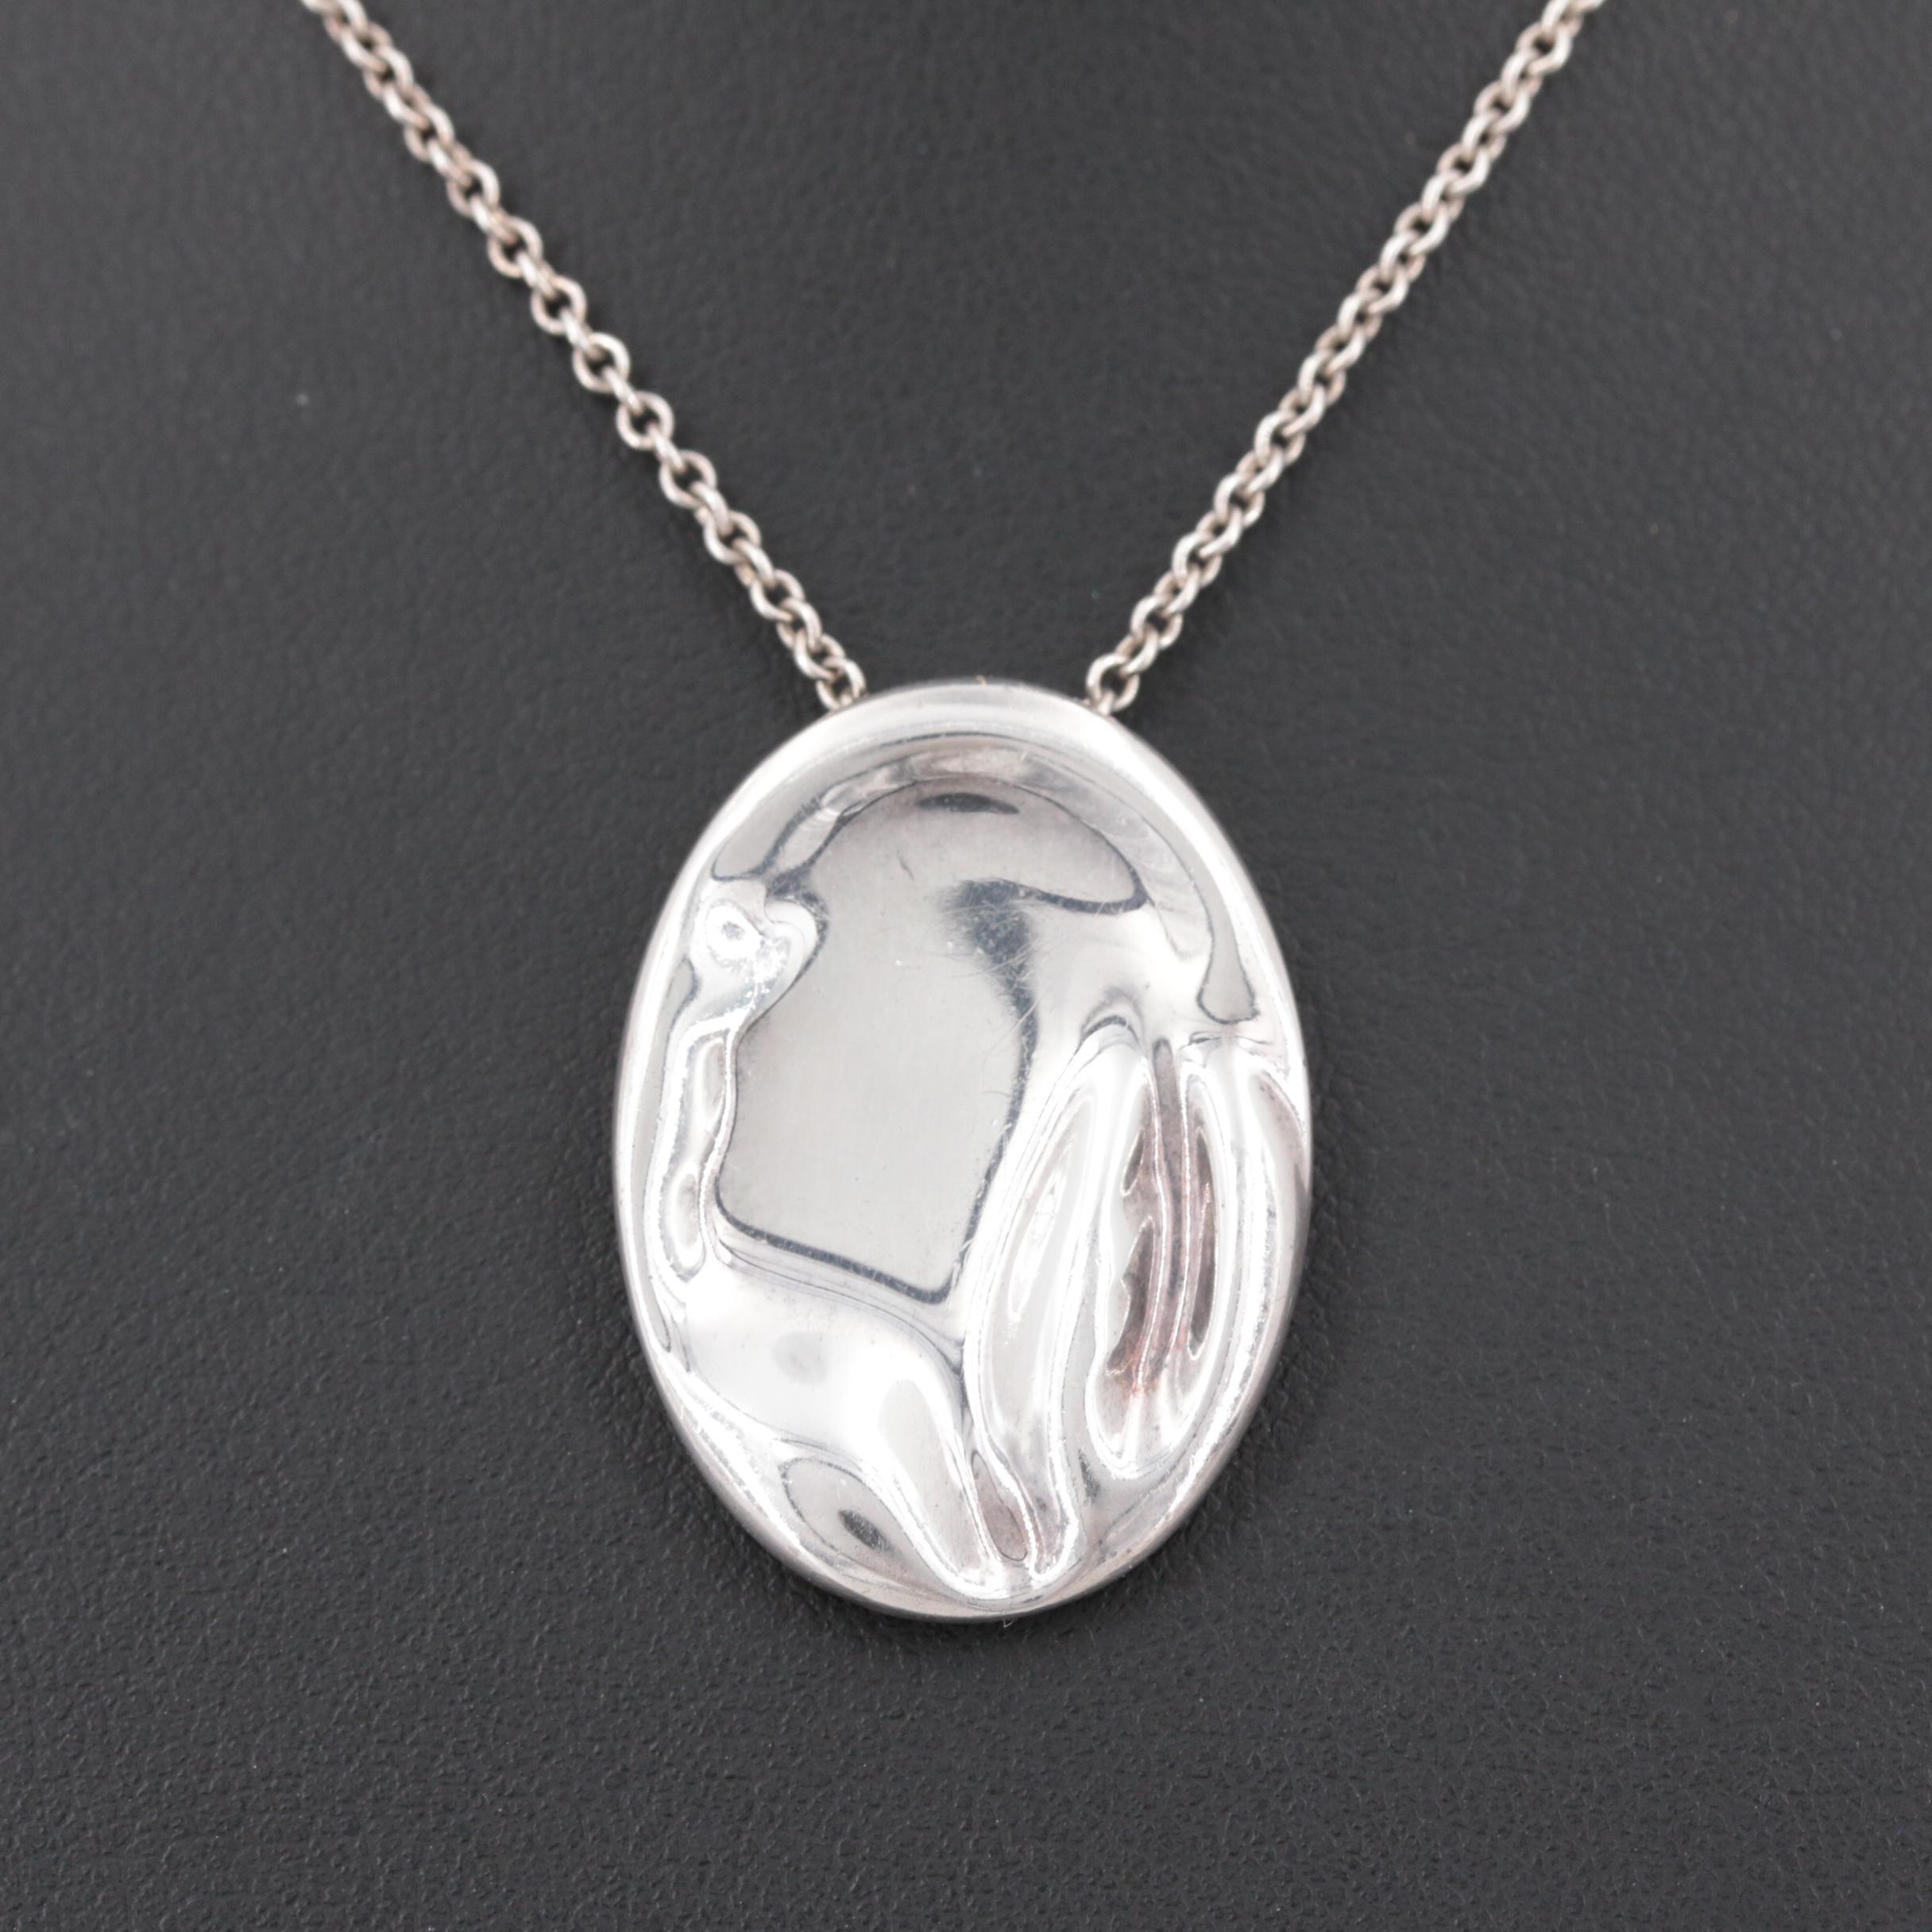 Elsa Peretti for Tiffany & Co. 1000 Silver Zodiac Pendant on Sterling Chain